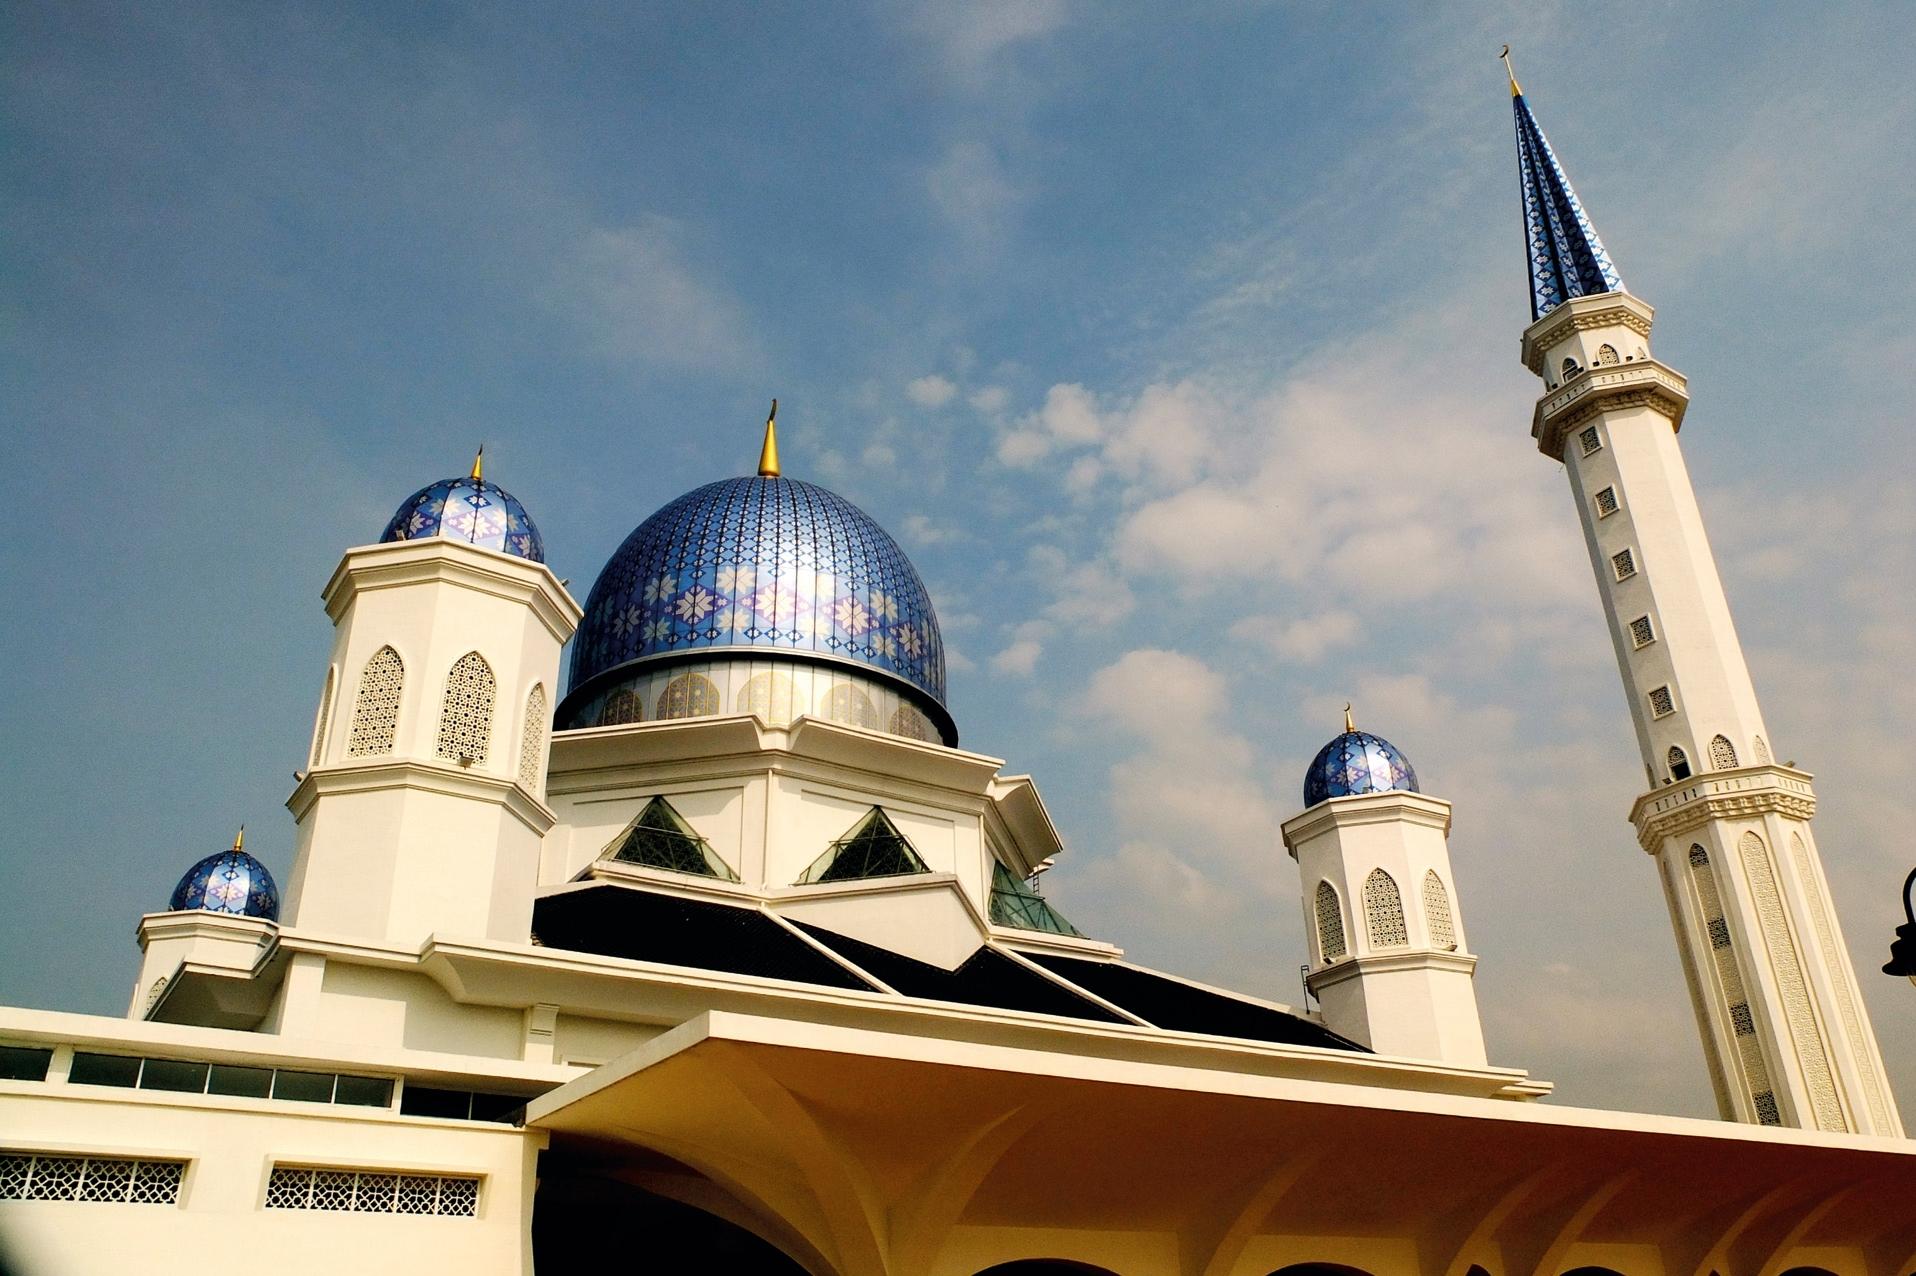 Masjid Abdul Fahim